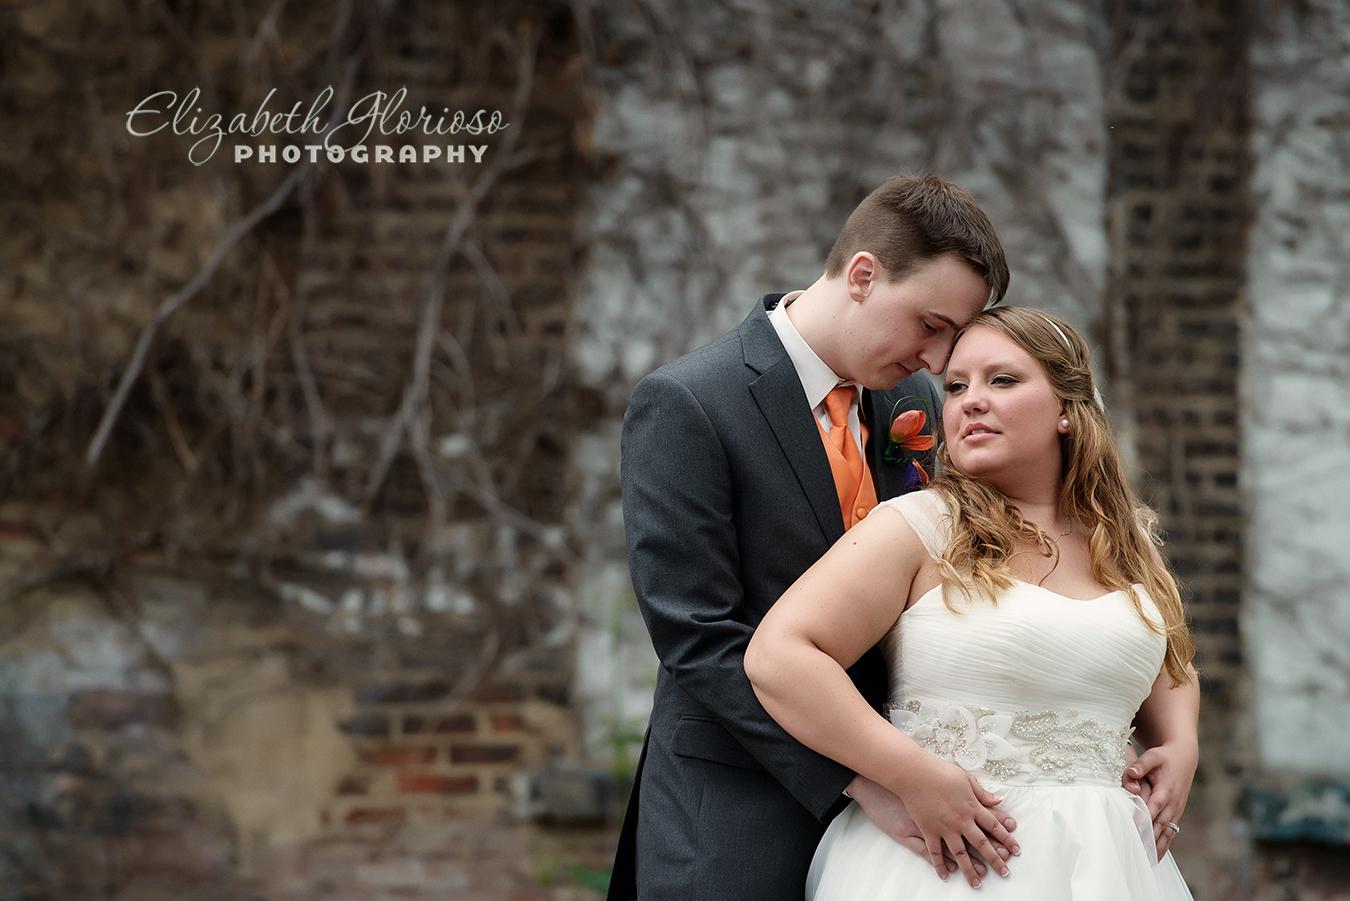 Amanda+Ryan_GloriosoPhotography_138